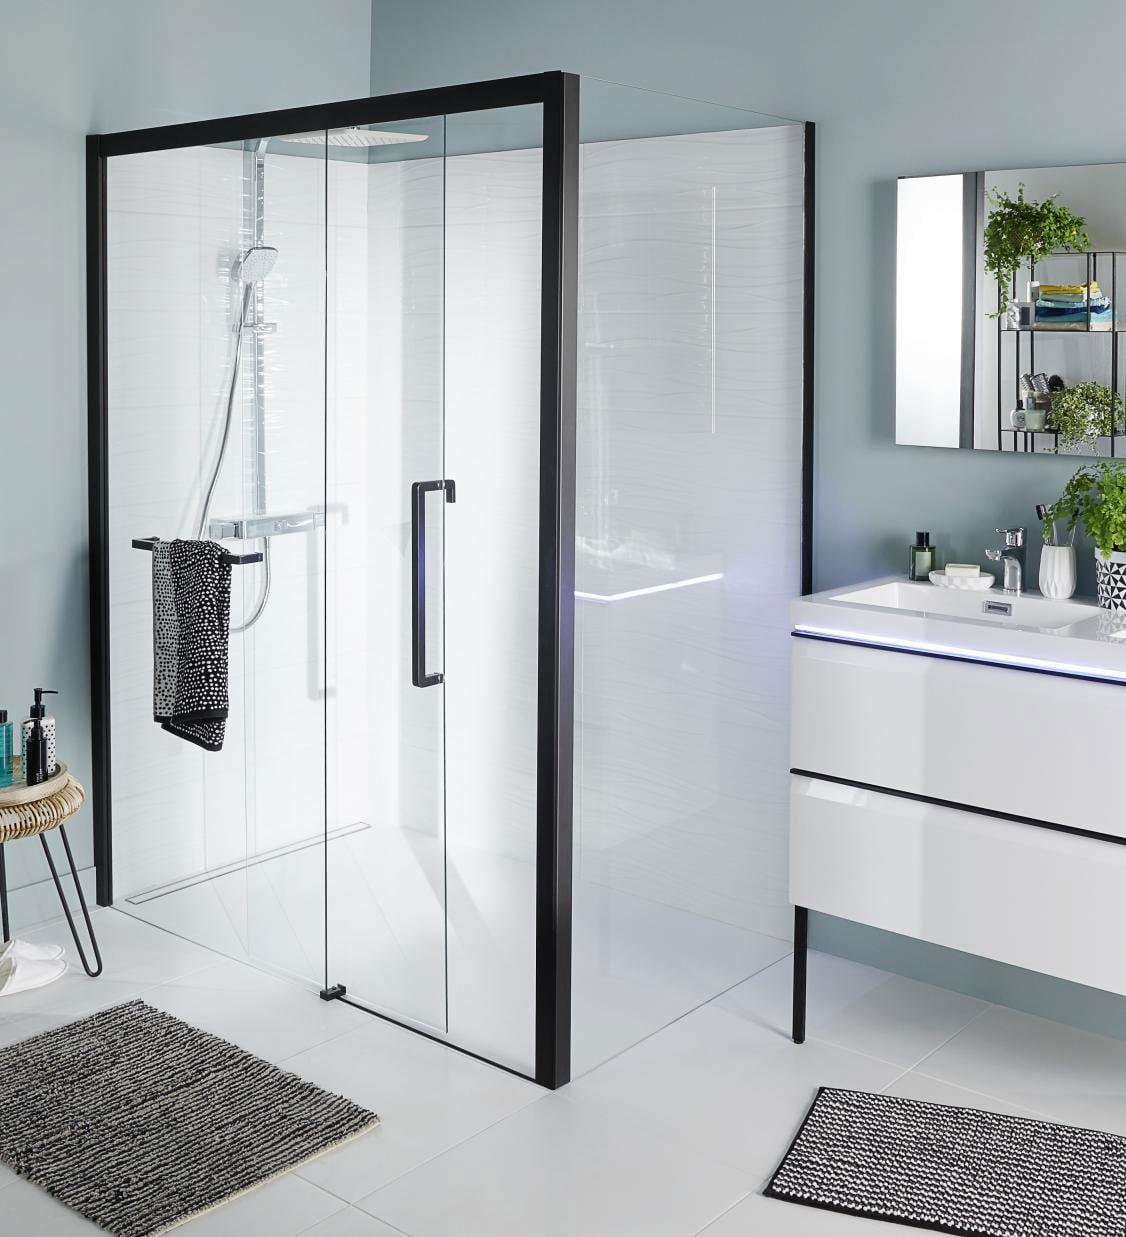 idée agencement salle de bain – lapeyre